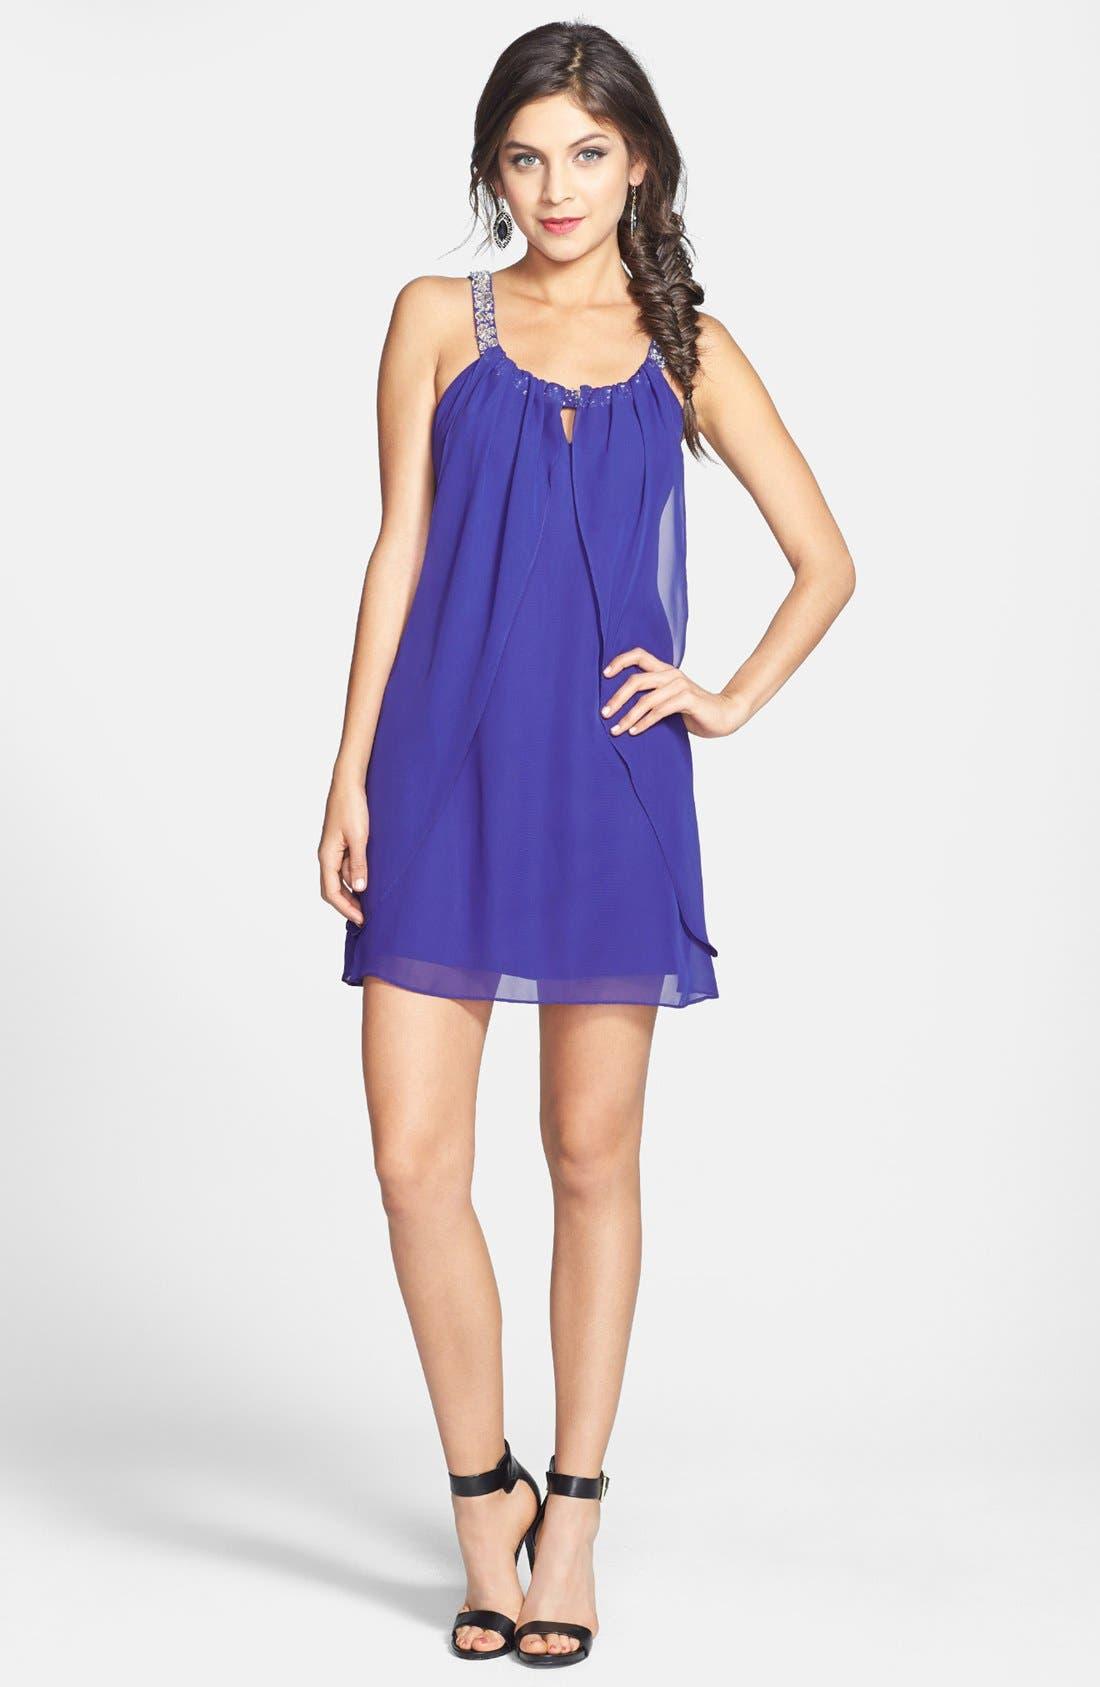 Alternate Image 1 Selected - Hailey Logan Embellished Strap Flutter Dress (Juniors) (Online Only)